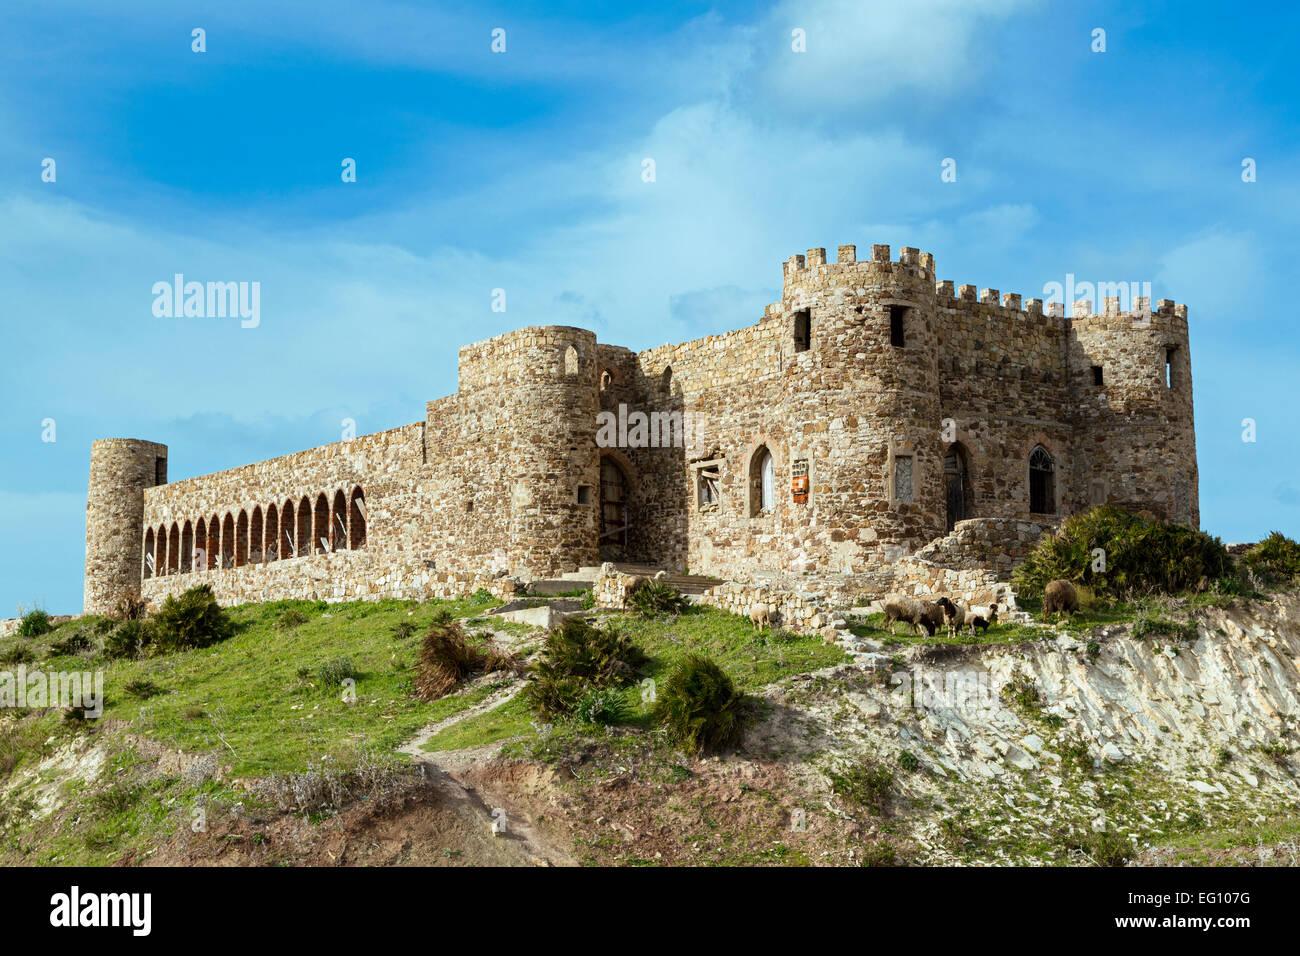 Medieval Castel, Mna, Tangier,Morocco - Stock Image